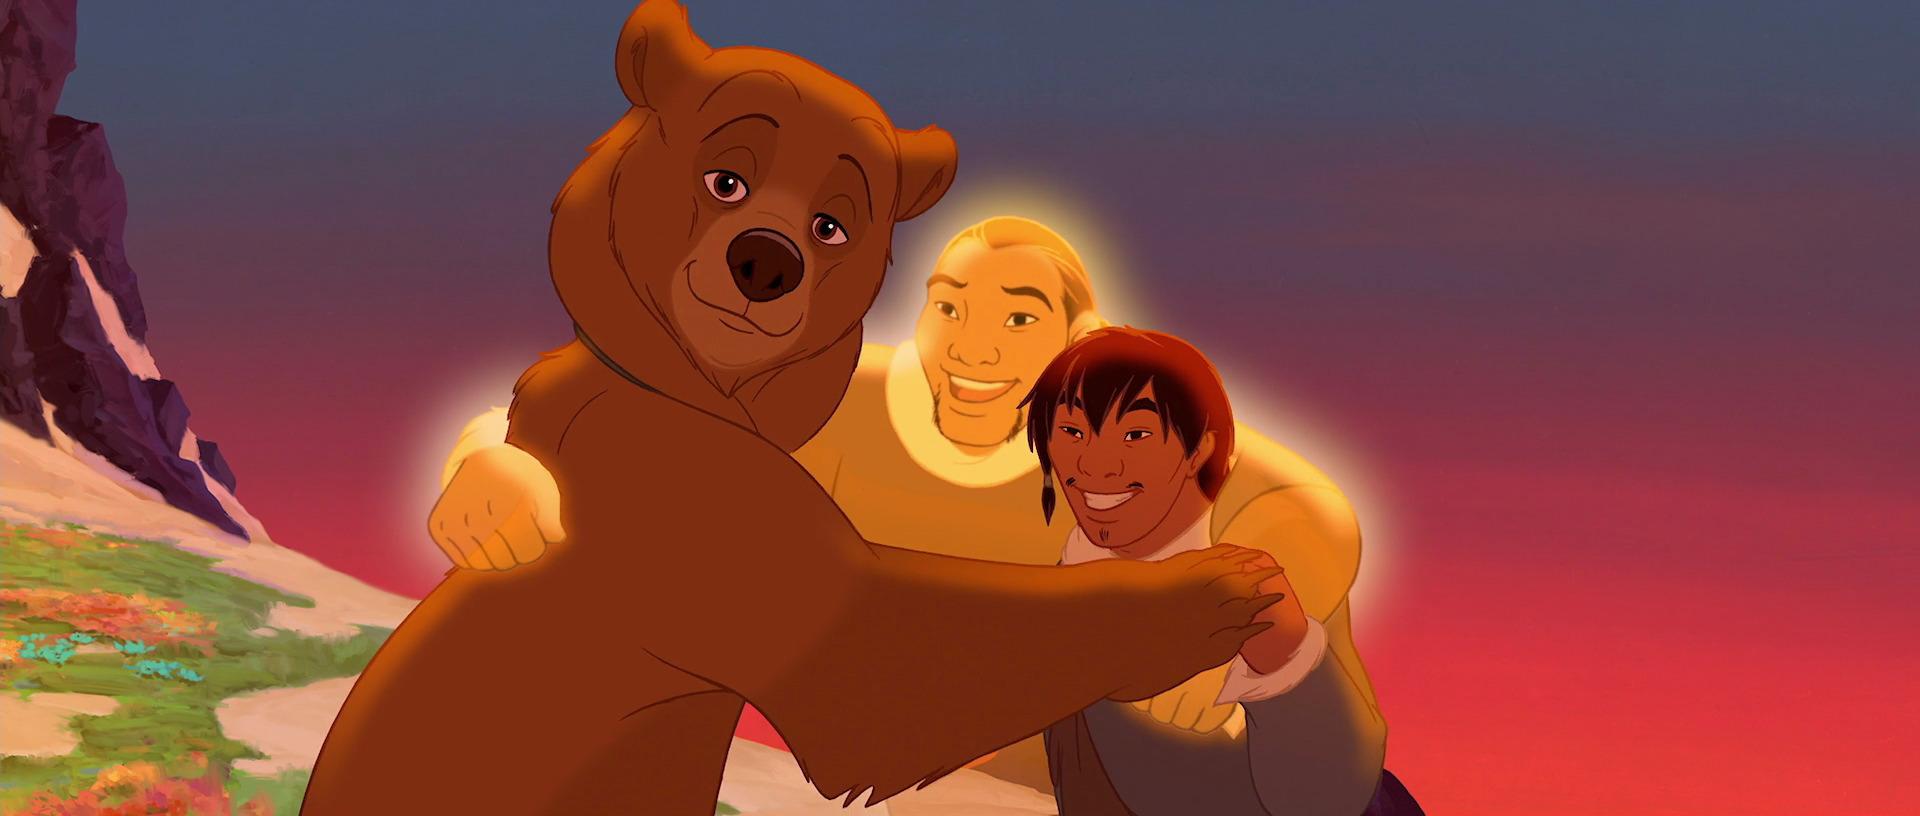 Screencaps Disney Pocahontas 2